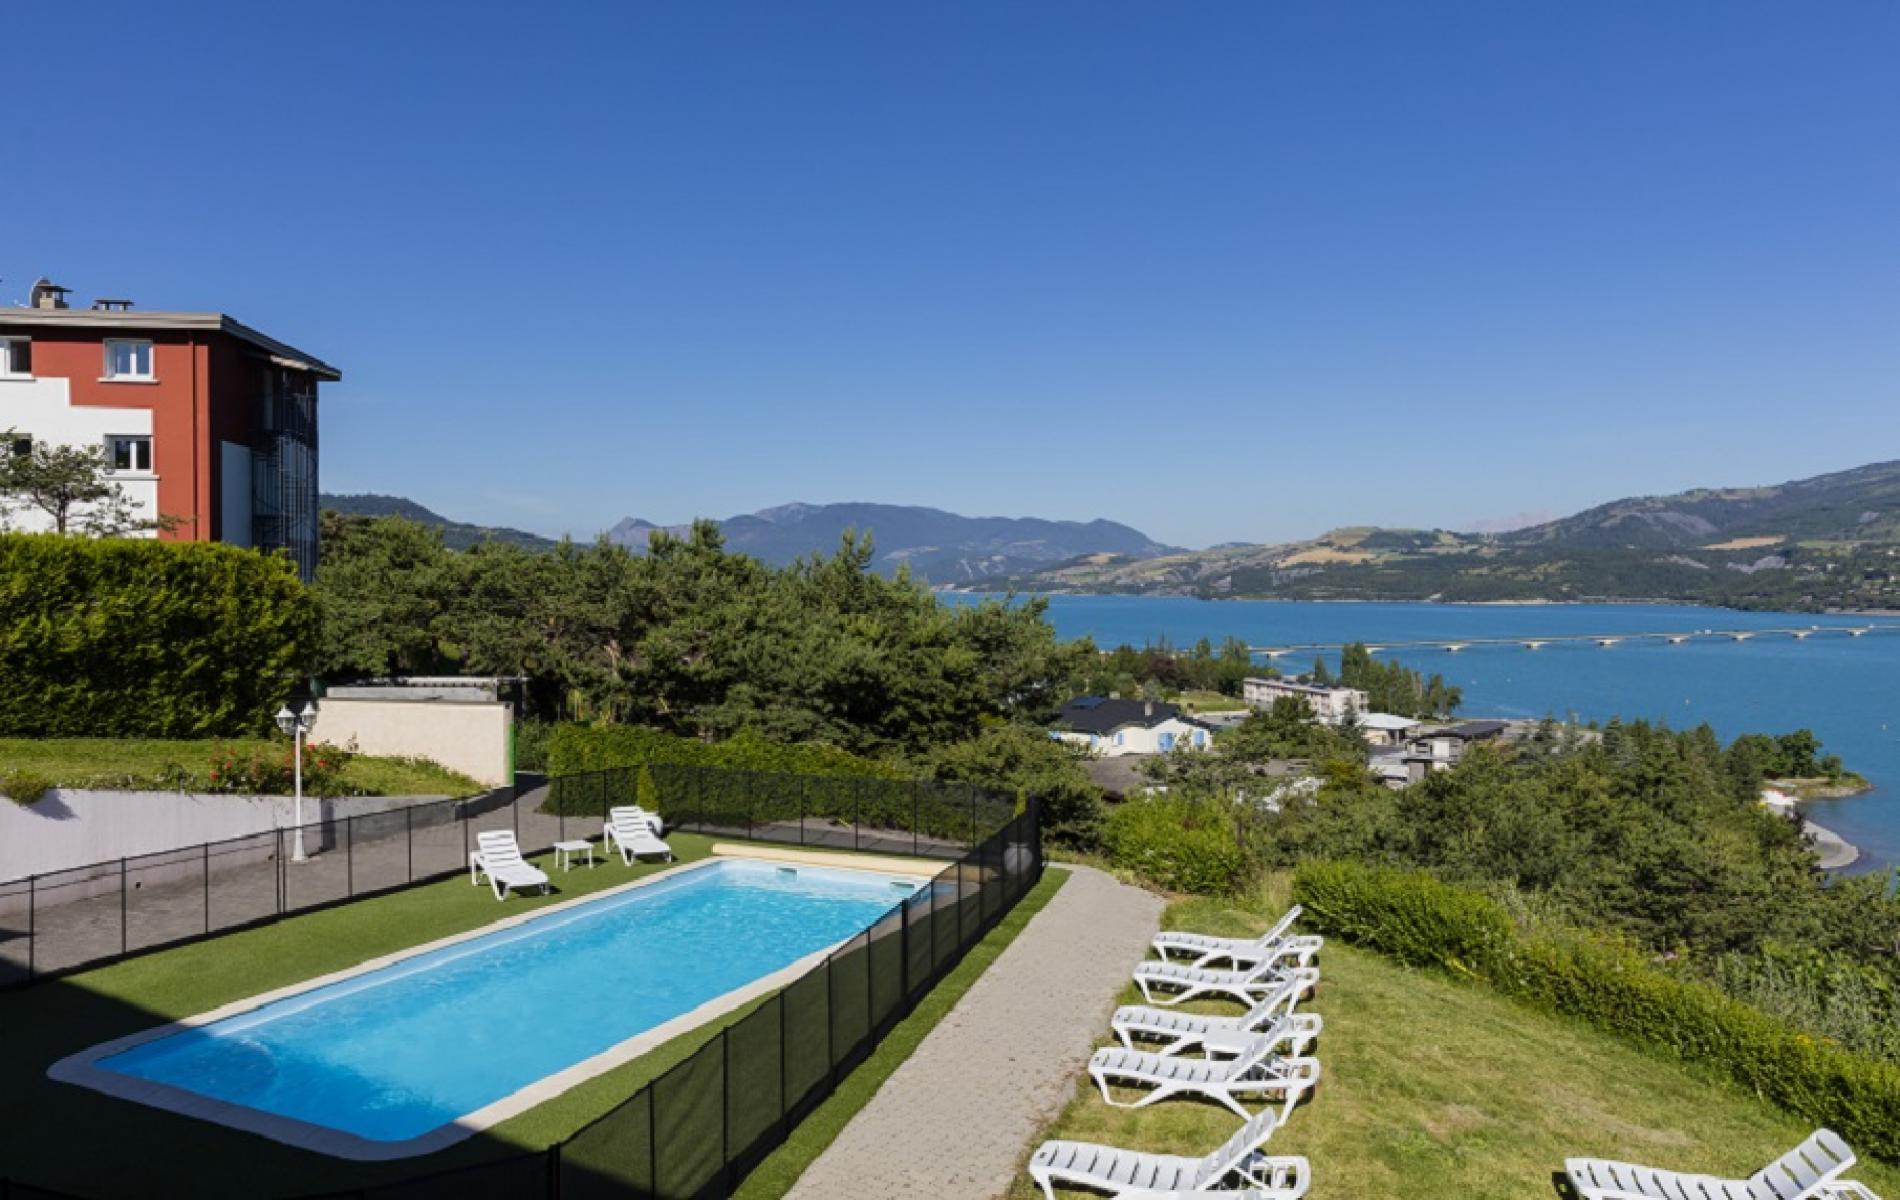 Hotel avec piscine sur le lac de serre pon on - Camping serre poncon avec piscine ...